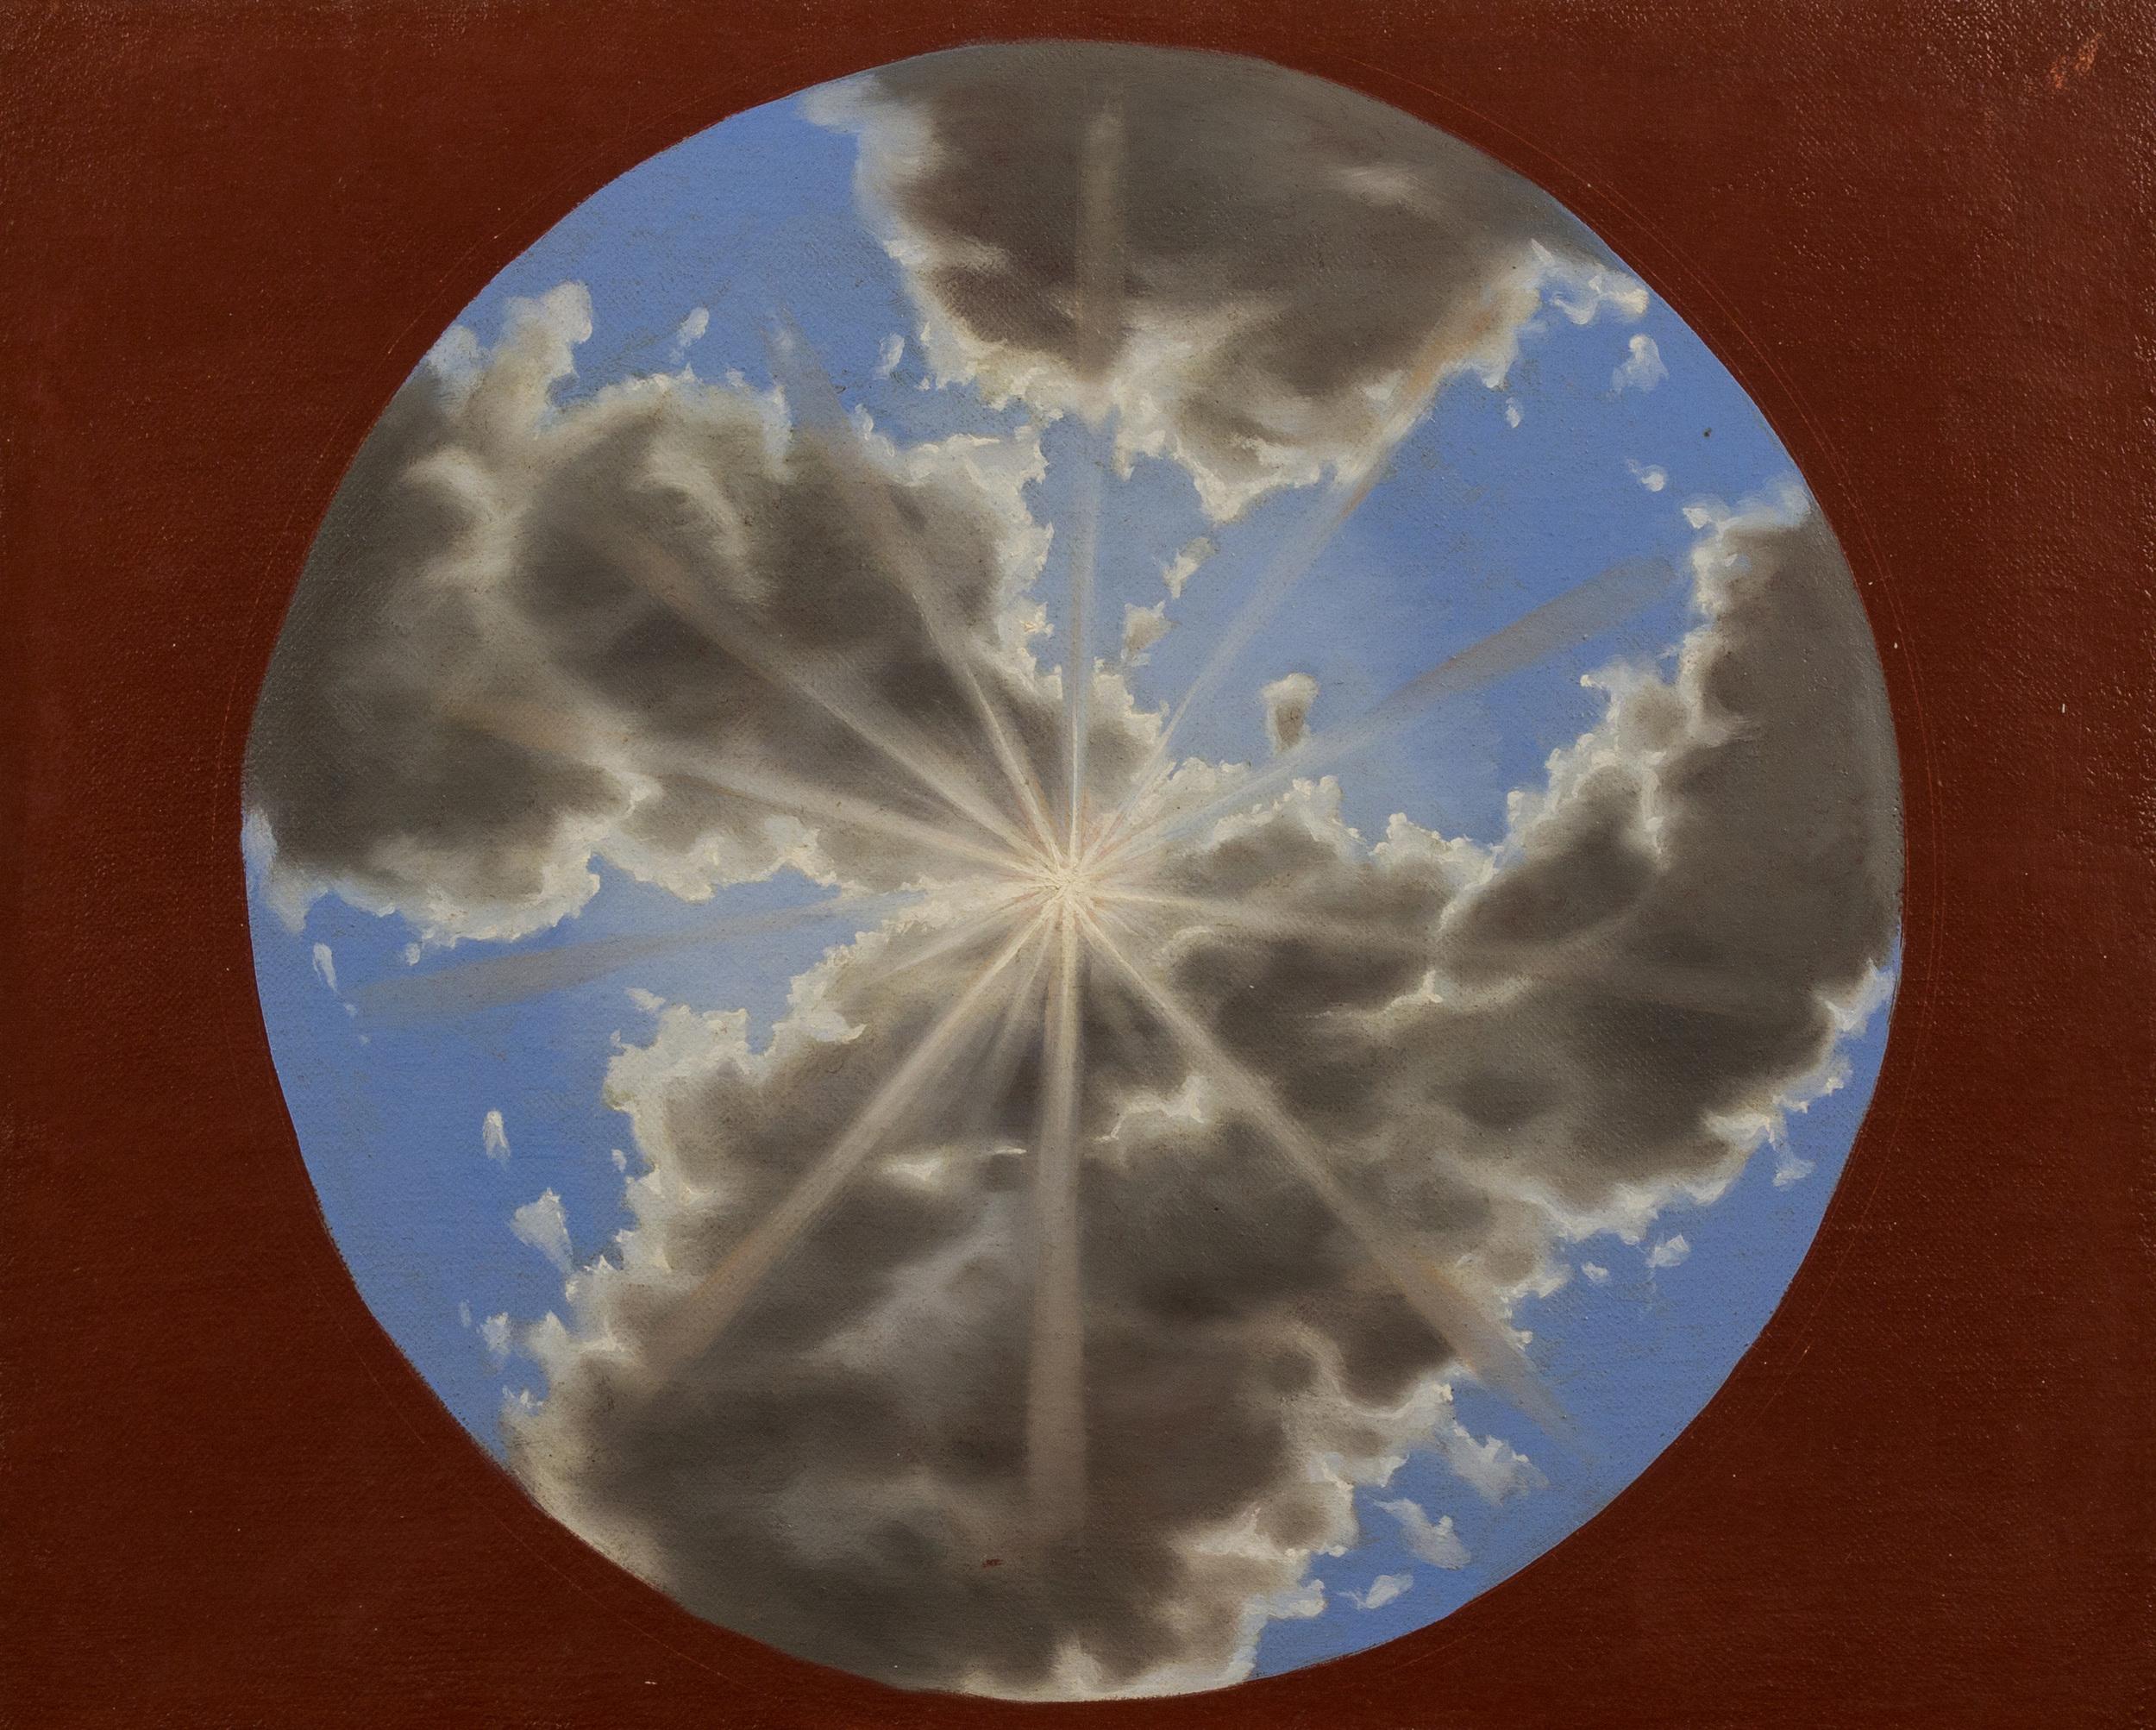 Studio di cielo per la cupola della Cattedrale di Bojano , olio su tela, 2001